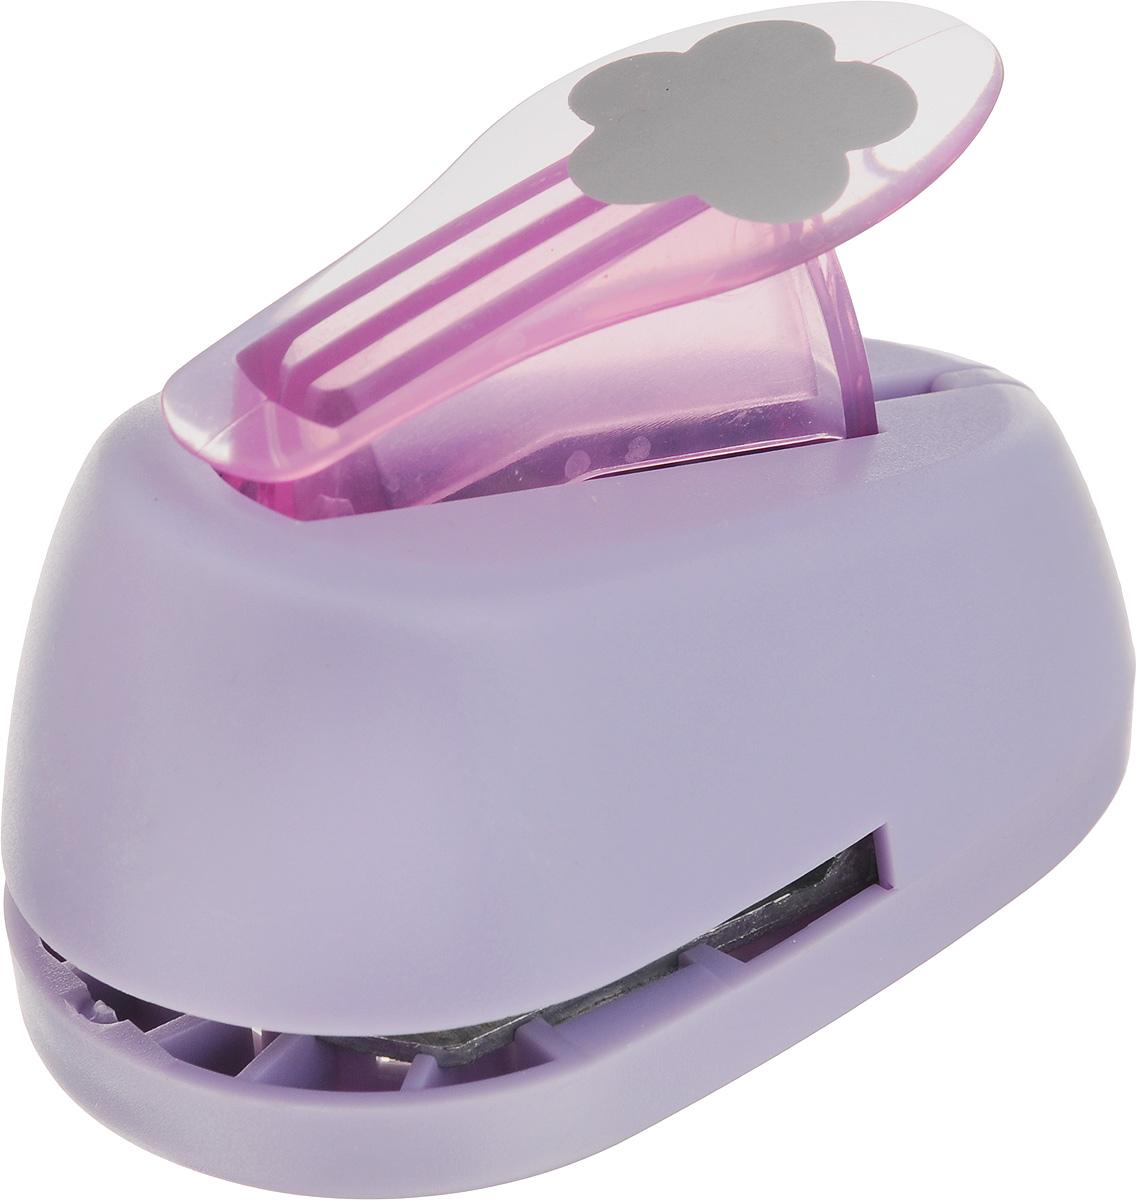 Дырокол фигурный Hobbyboom 5 лепестков, №93, цвет: фиолетовый, 2,5 смCD-99M-093_)фиолетовыйДырокол фигурный Hobbyboom 5 лепестков, выполненный из прочного пластика и металла, используется в скрапбукинге для украшения открыток, карточек, коробочек и многого другого. Применяется для прорезания фигурных отверстий в бумаге в форме цветка. Вырезанный элемент также можно использовать для украшения. Предназначен для бумаги плотностью от 80 до 200 г/м2. Размер дырокола: 8 х 5 х 5,5 см. Размер готовой фигурки: 2,5 х 2,5 см.